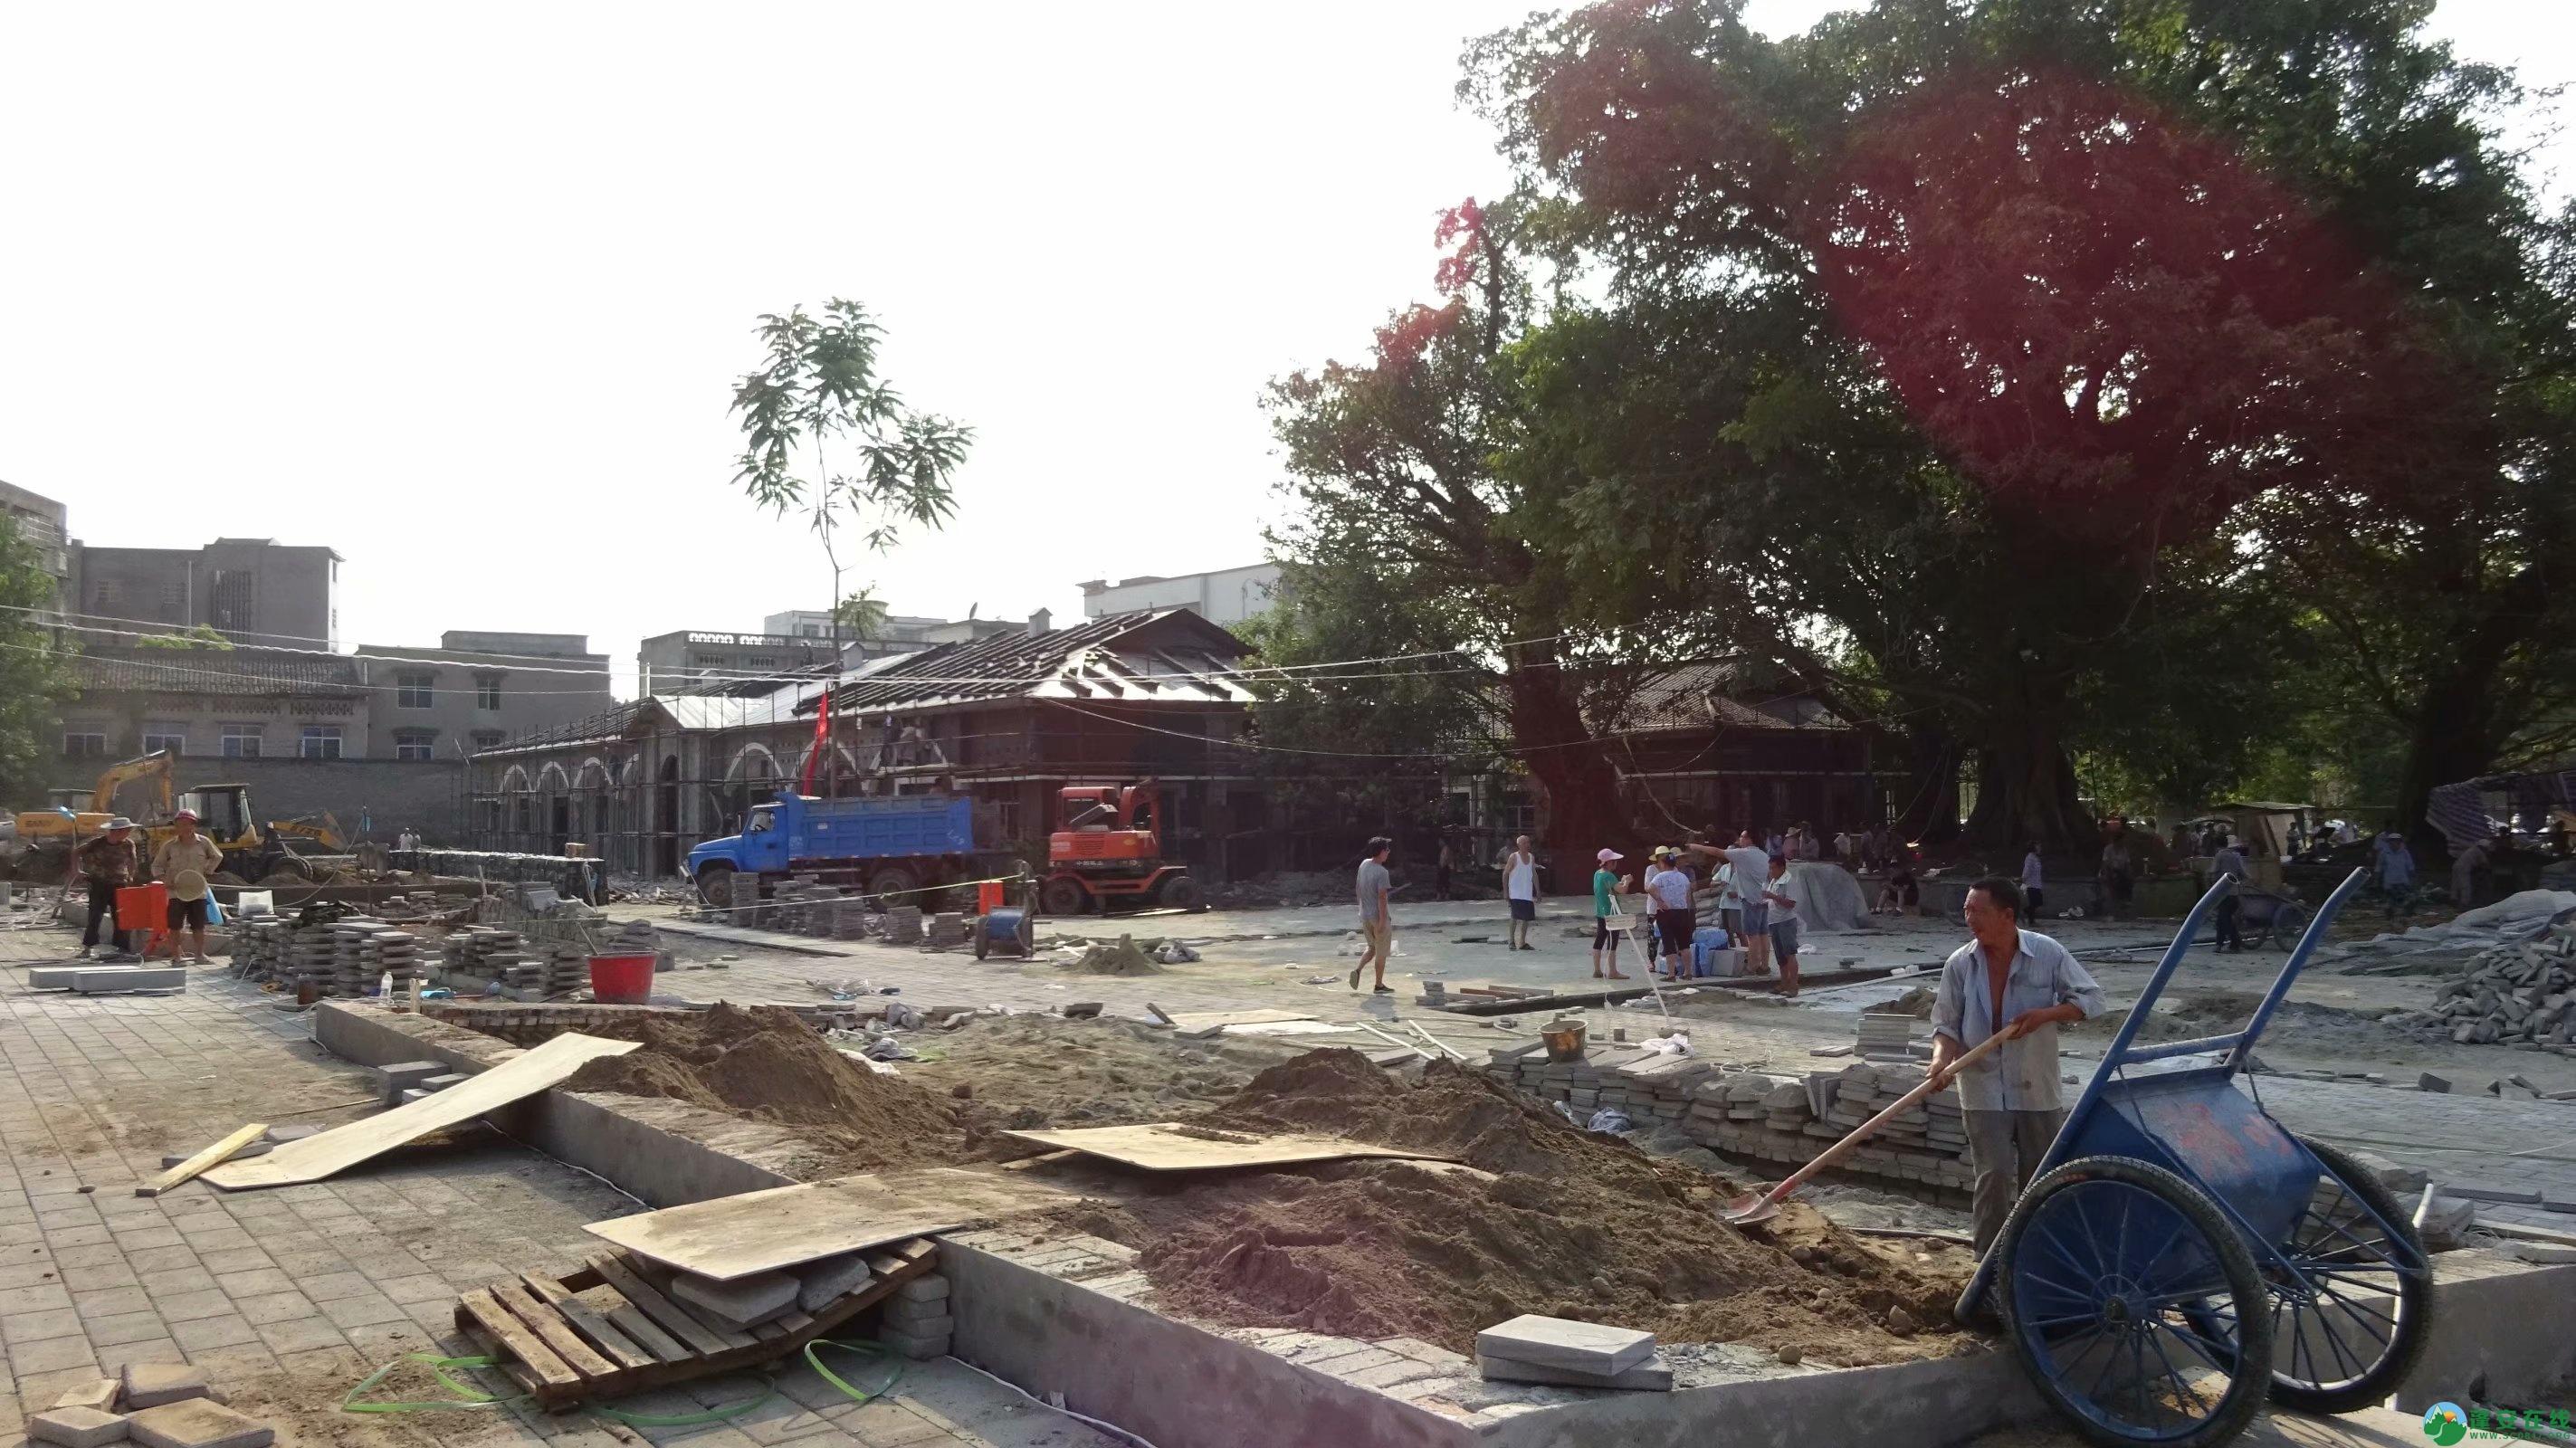 蓬安锦屏相如故城建设迅猛 - 第58张  | 蓬安在线